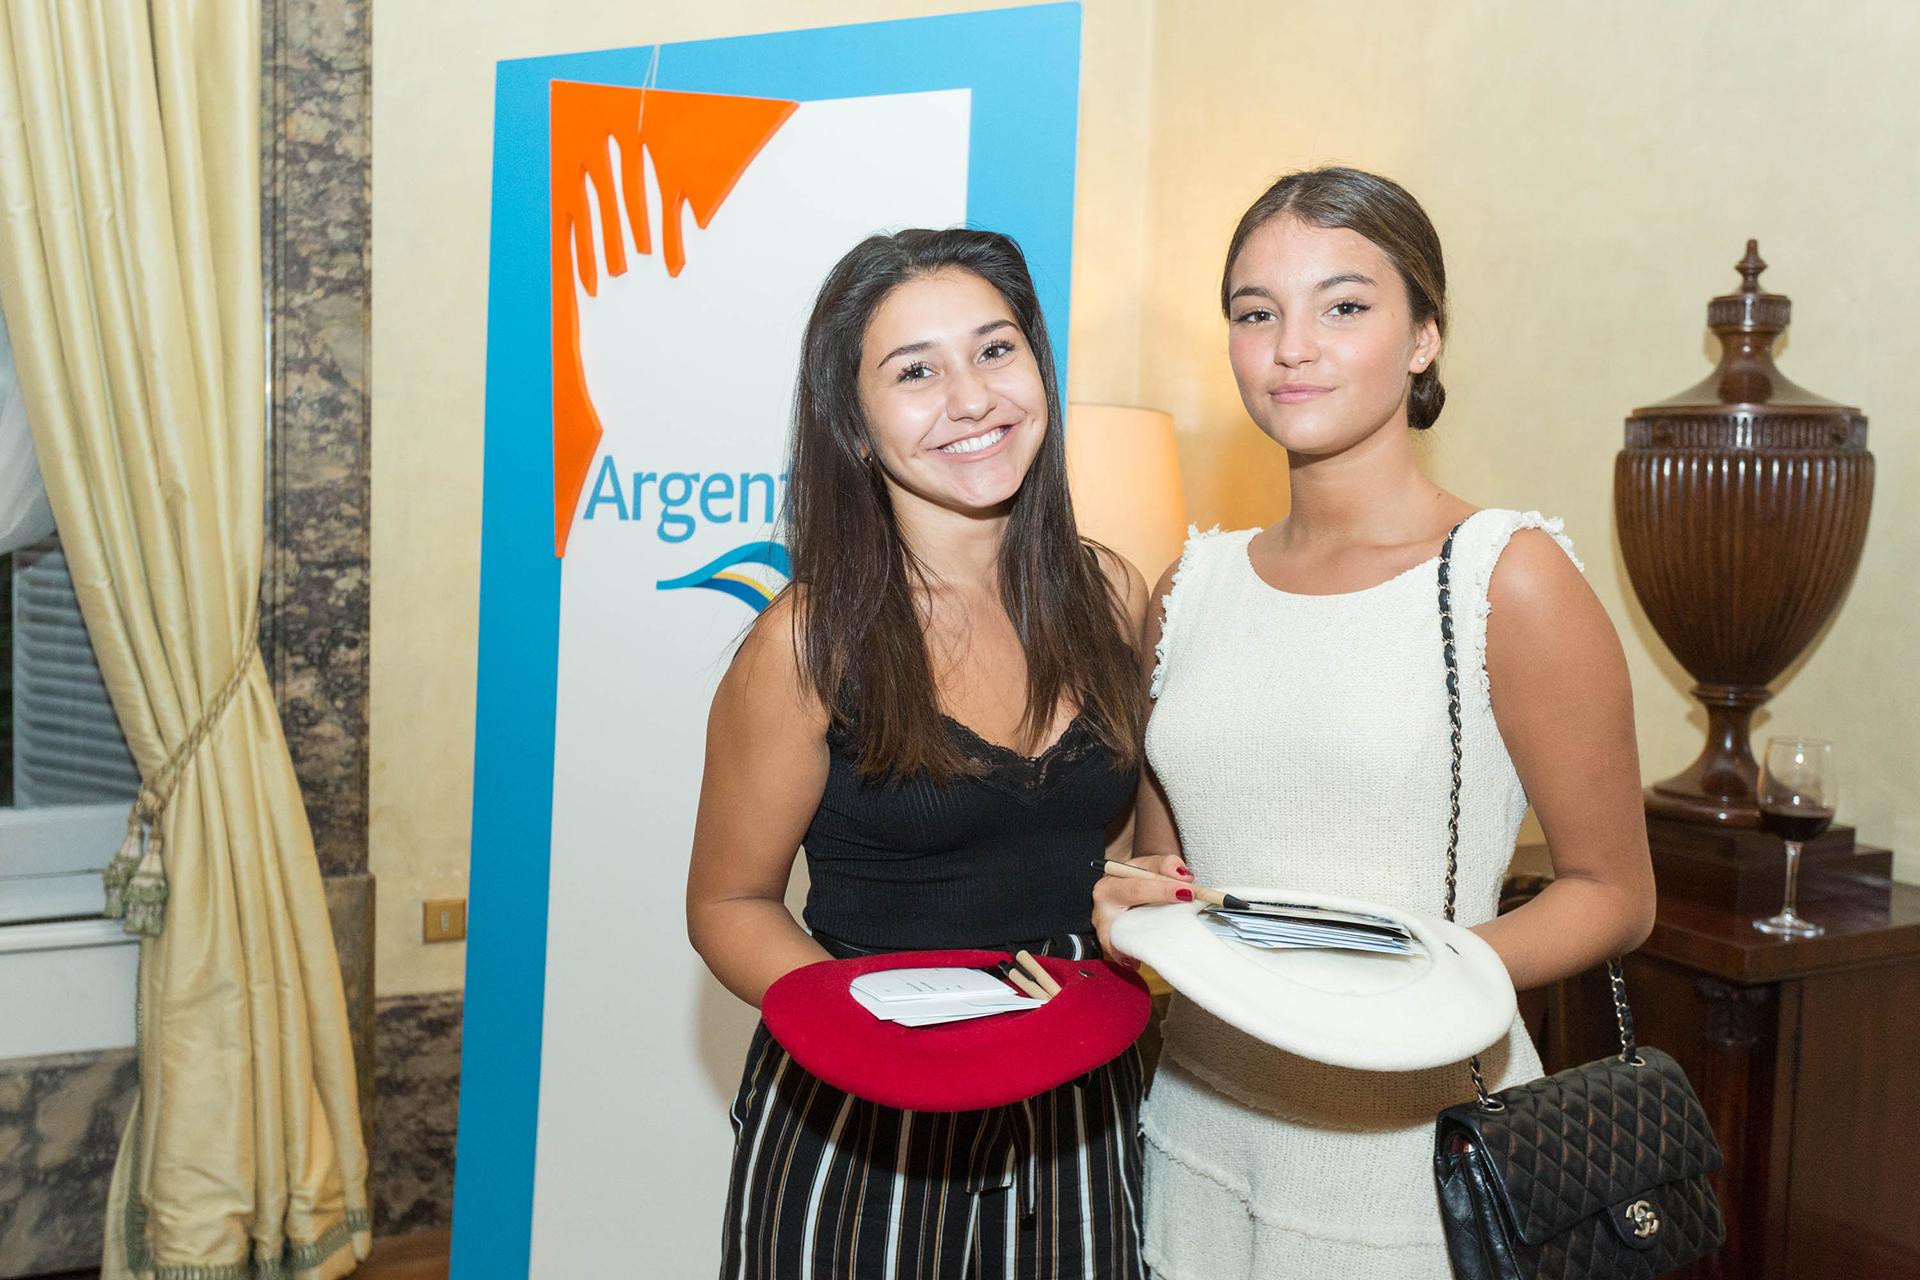 Las jóvenes que colaboraron con la Fundación, recaudando los números de la rifa